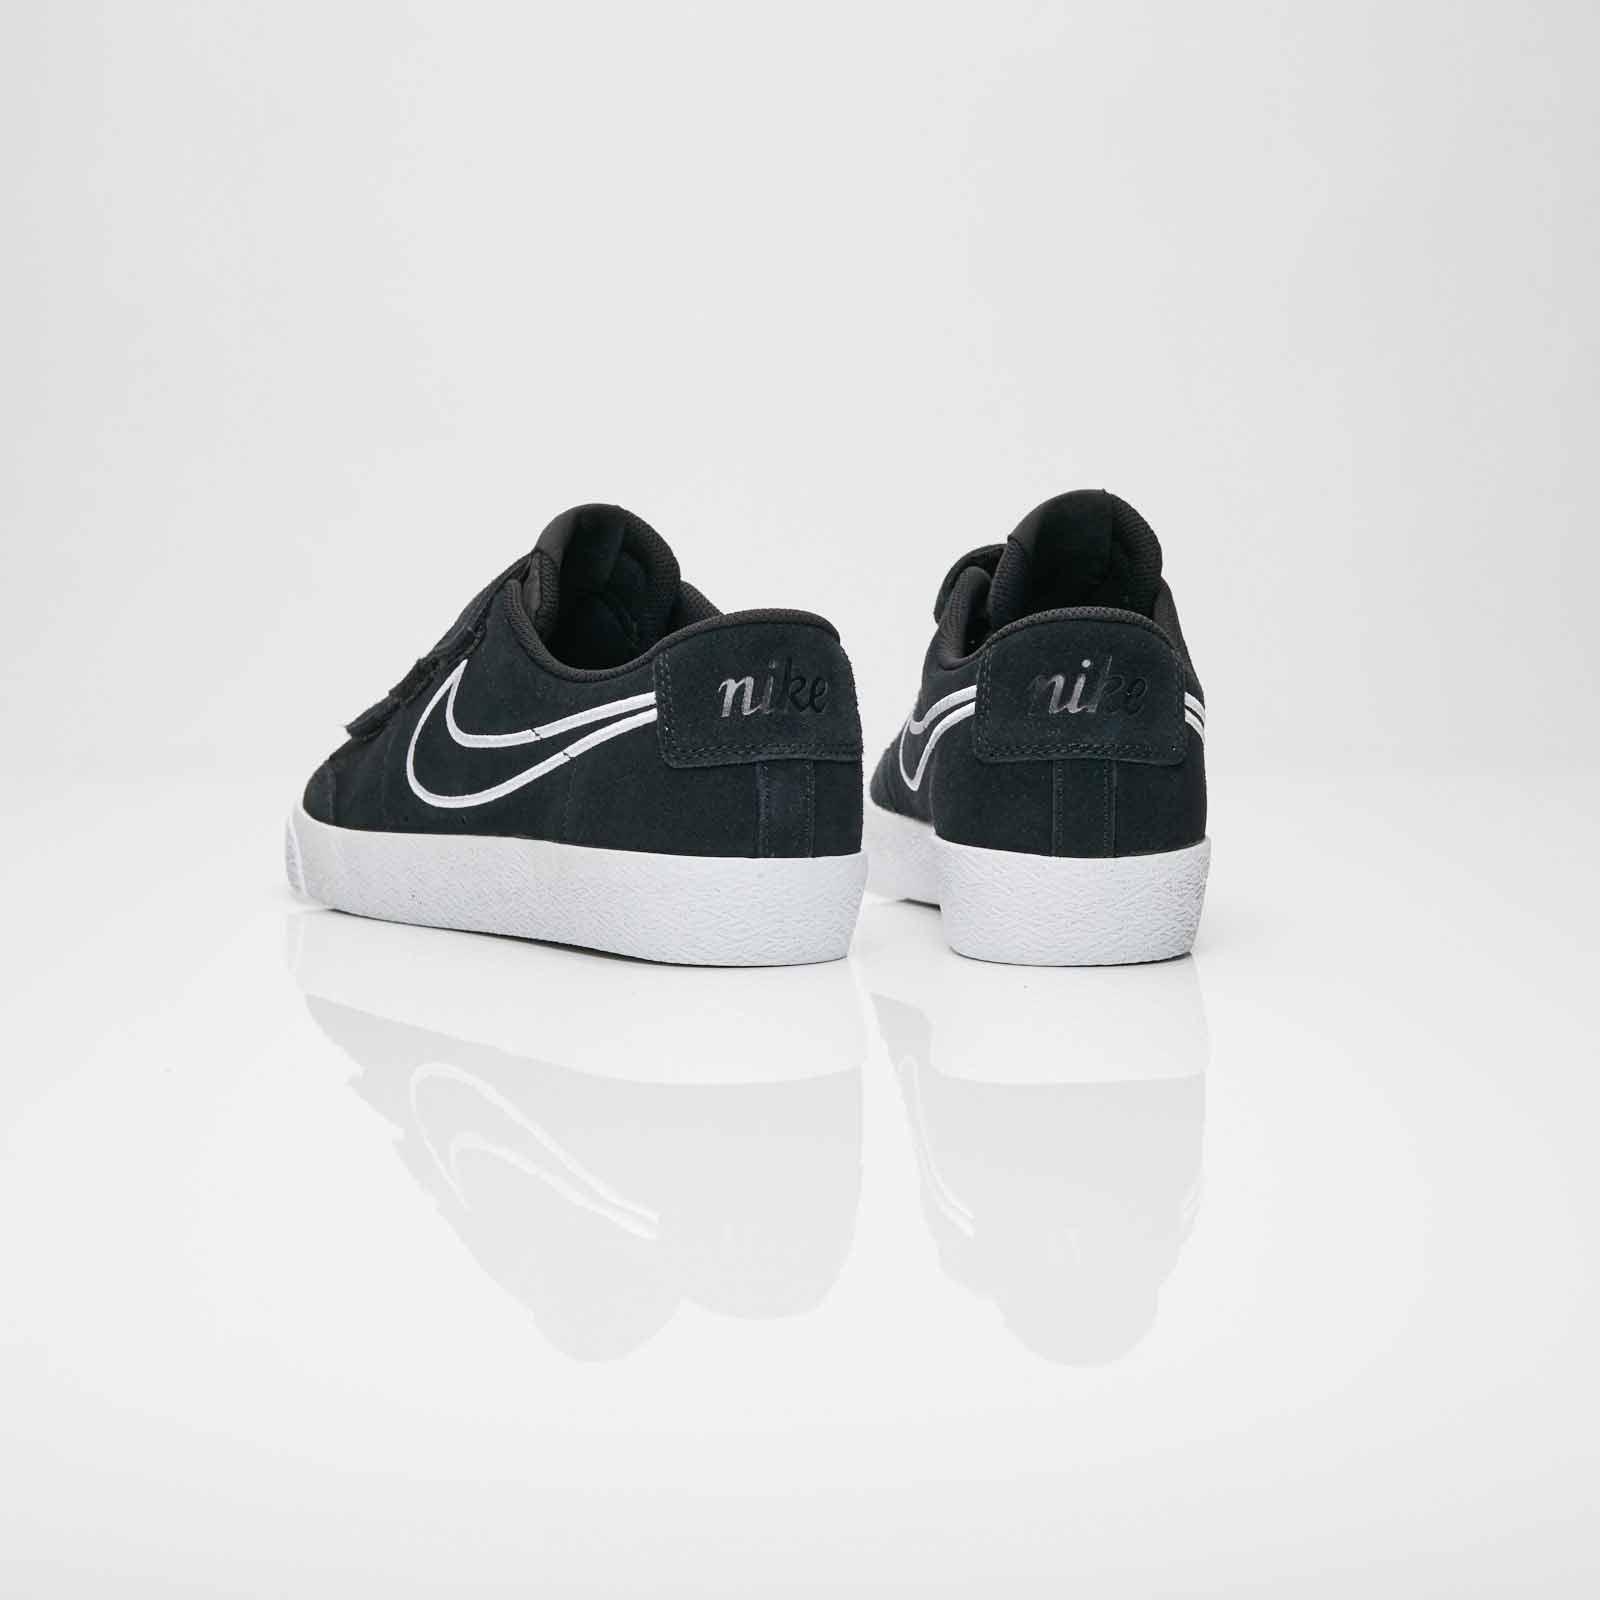 newest b655f a59d1 Nike Zoom Blazer AC XT - Ah3434-001 - Sneakersnstuff | sneakers &  streetwear online since 1999